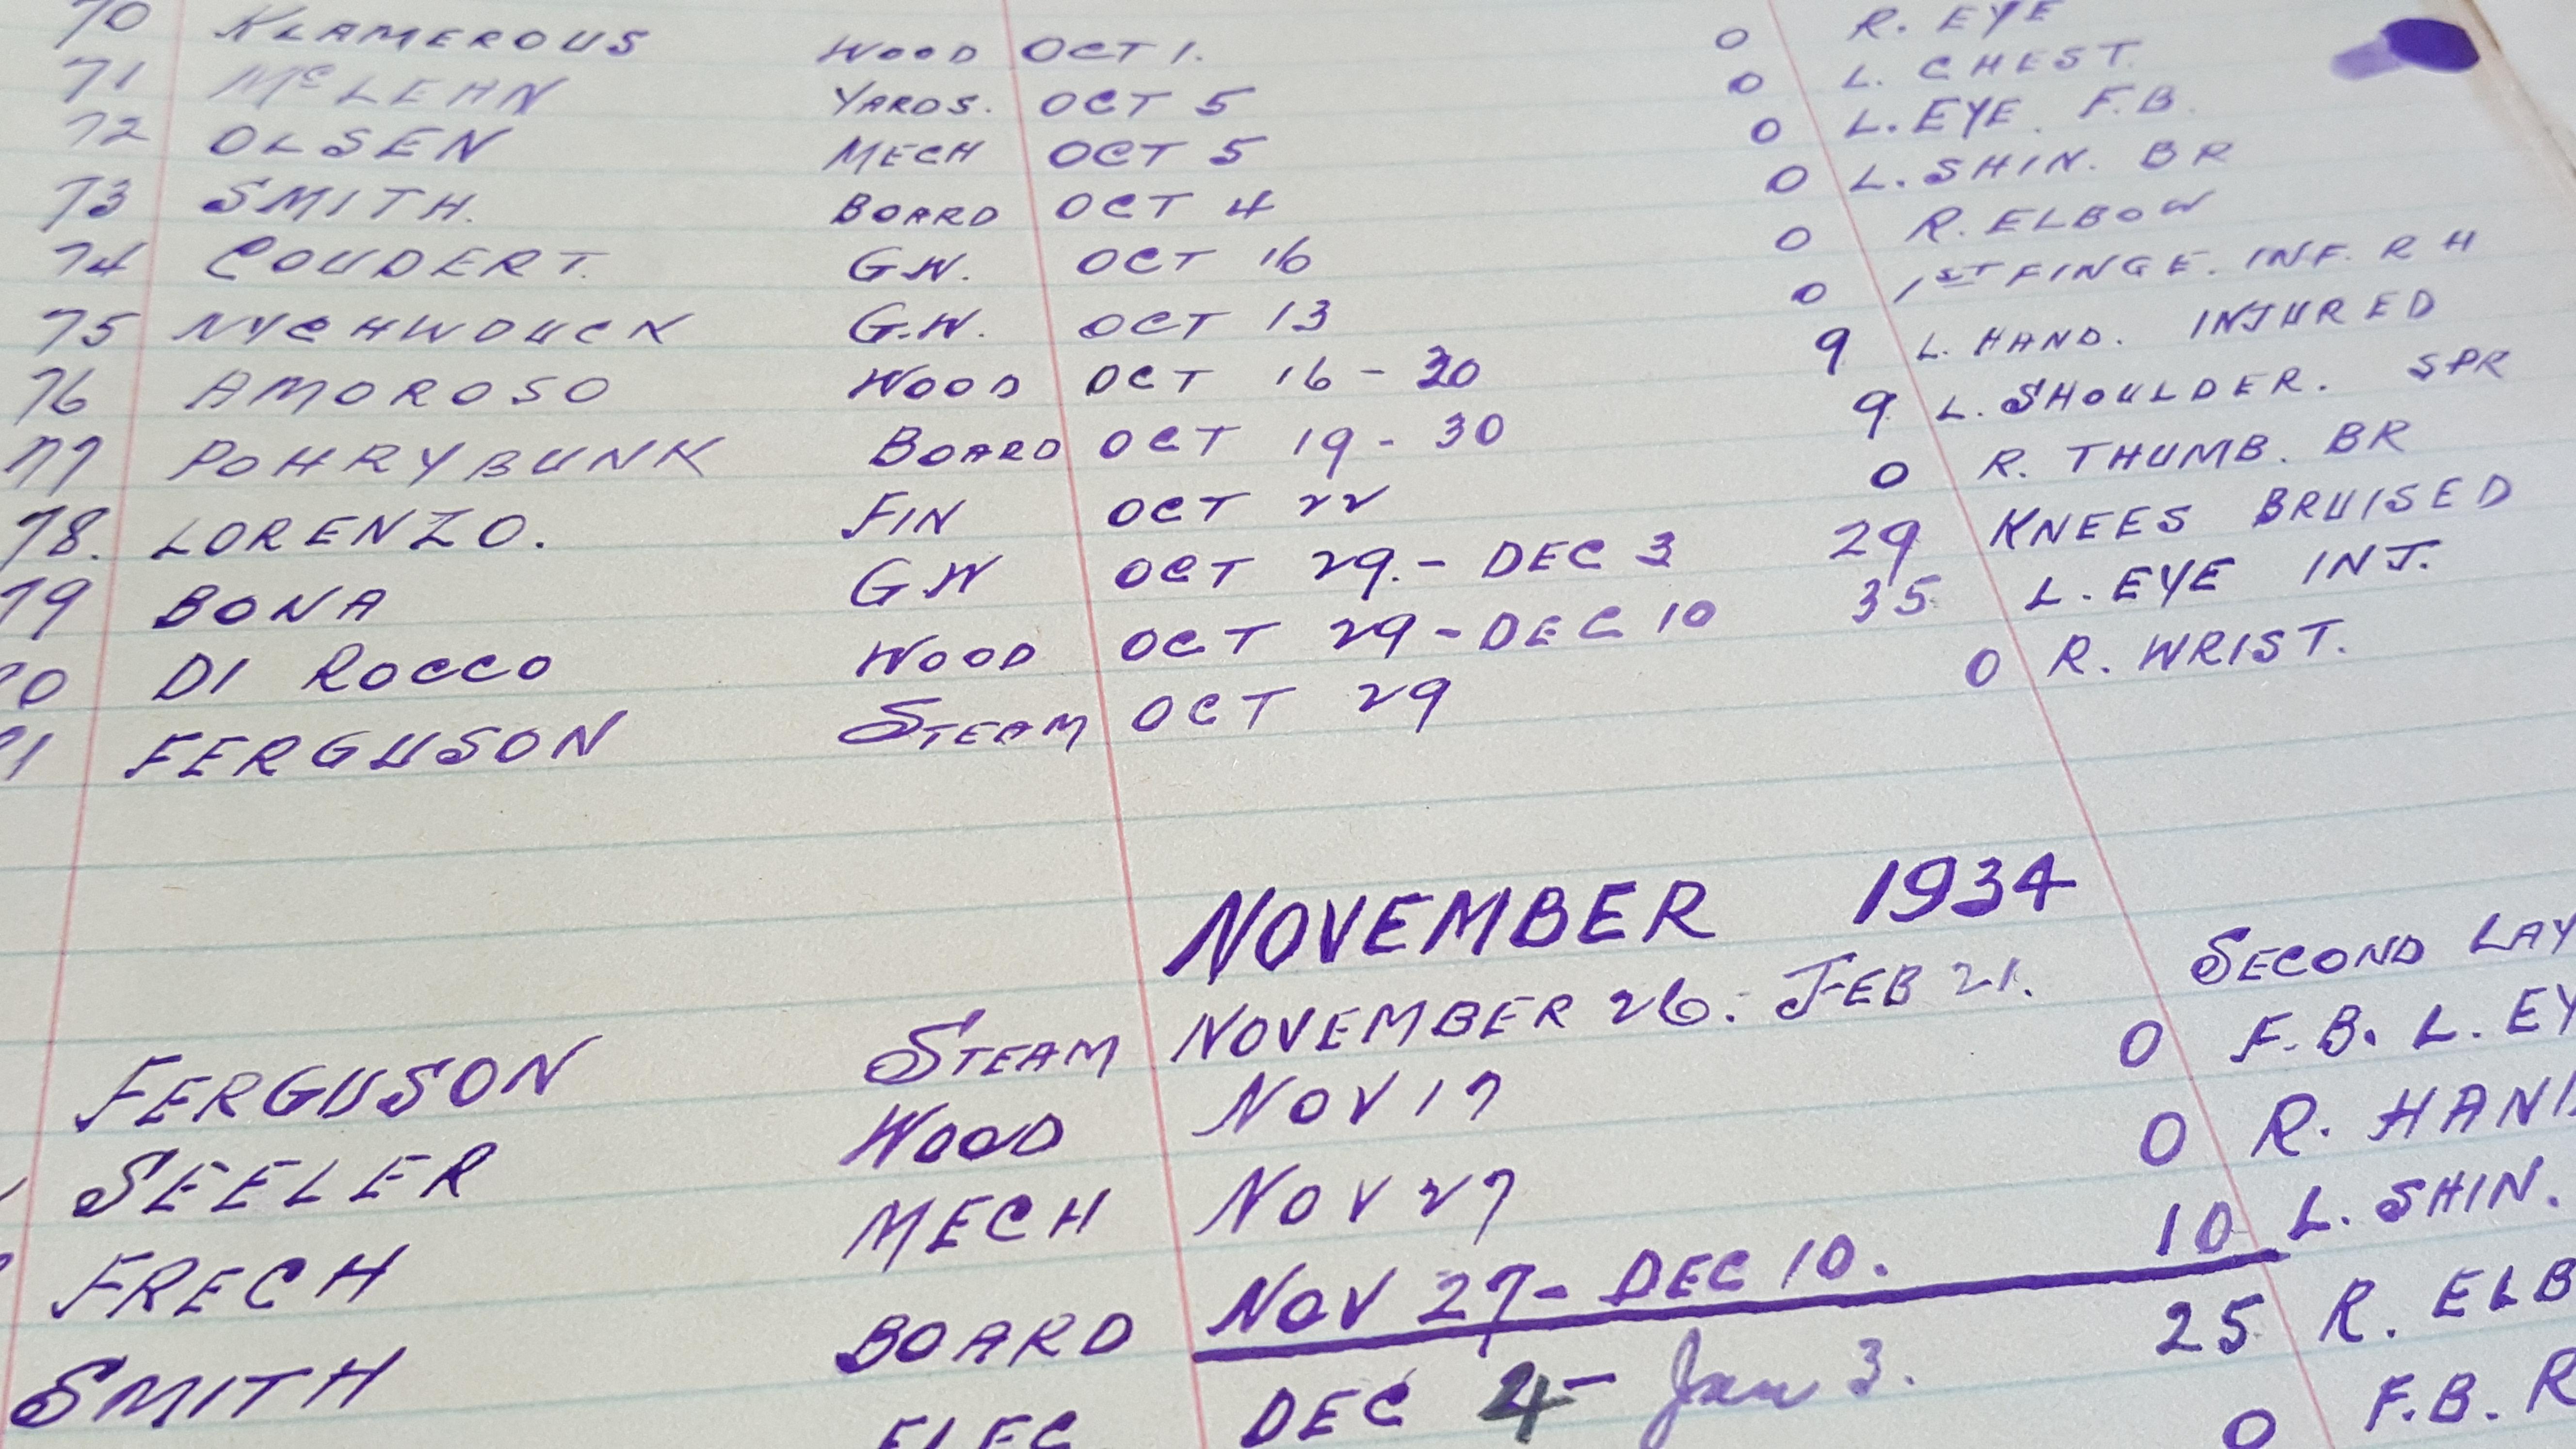 Notes inscrites à l'encre bleue sur du papier ligné. Les accidents survenus au moulin sont numérotés, avec le nom des victimes, la date et la description des blessures.